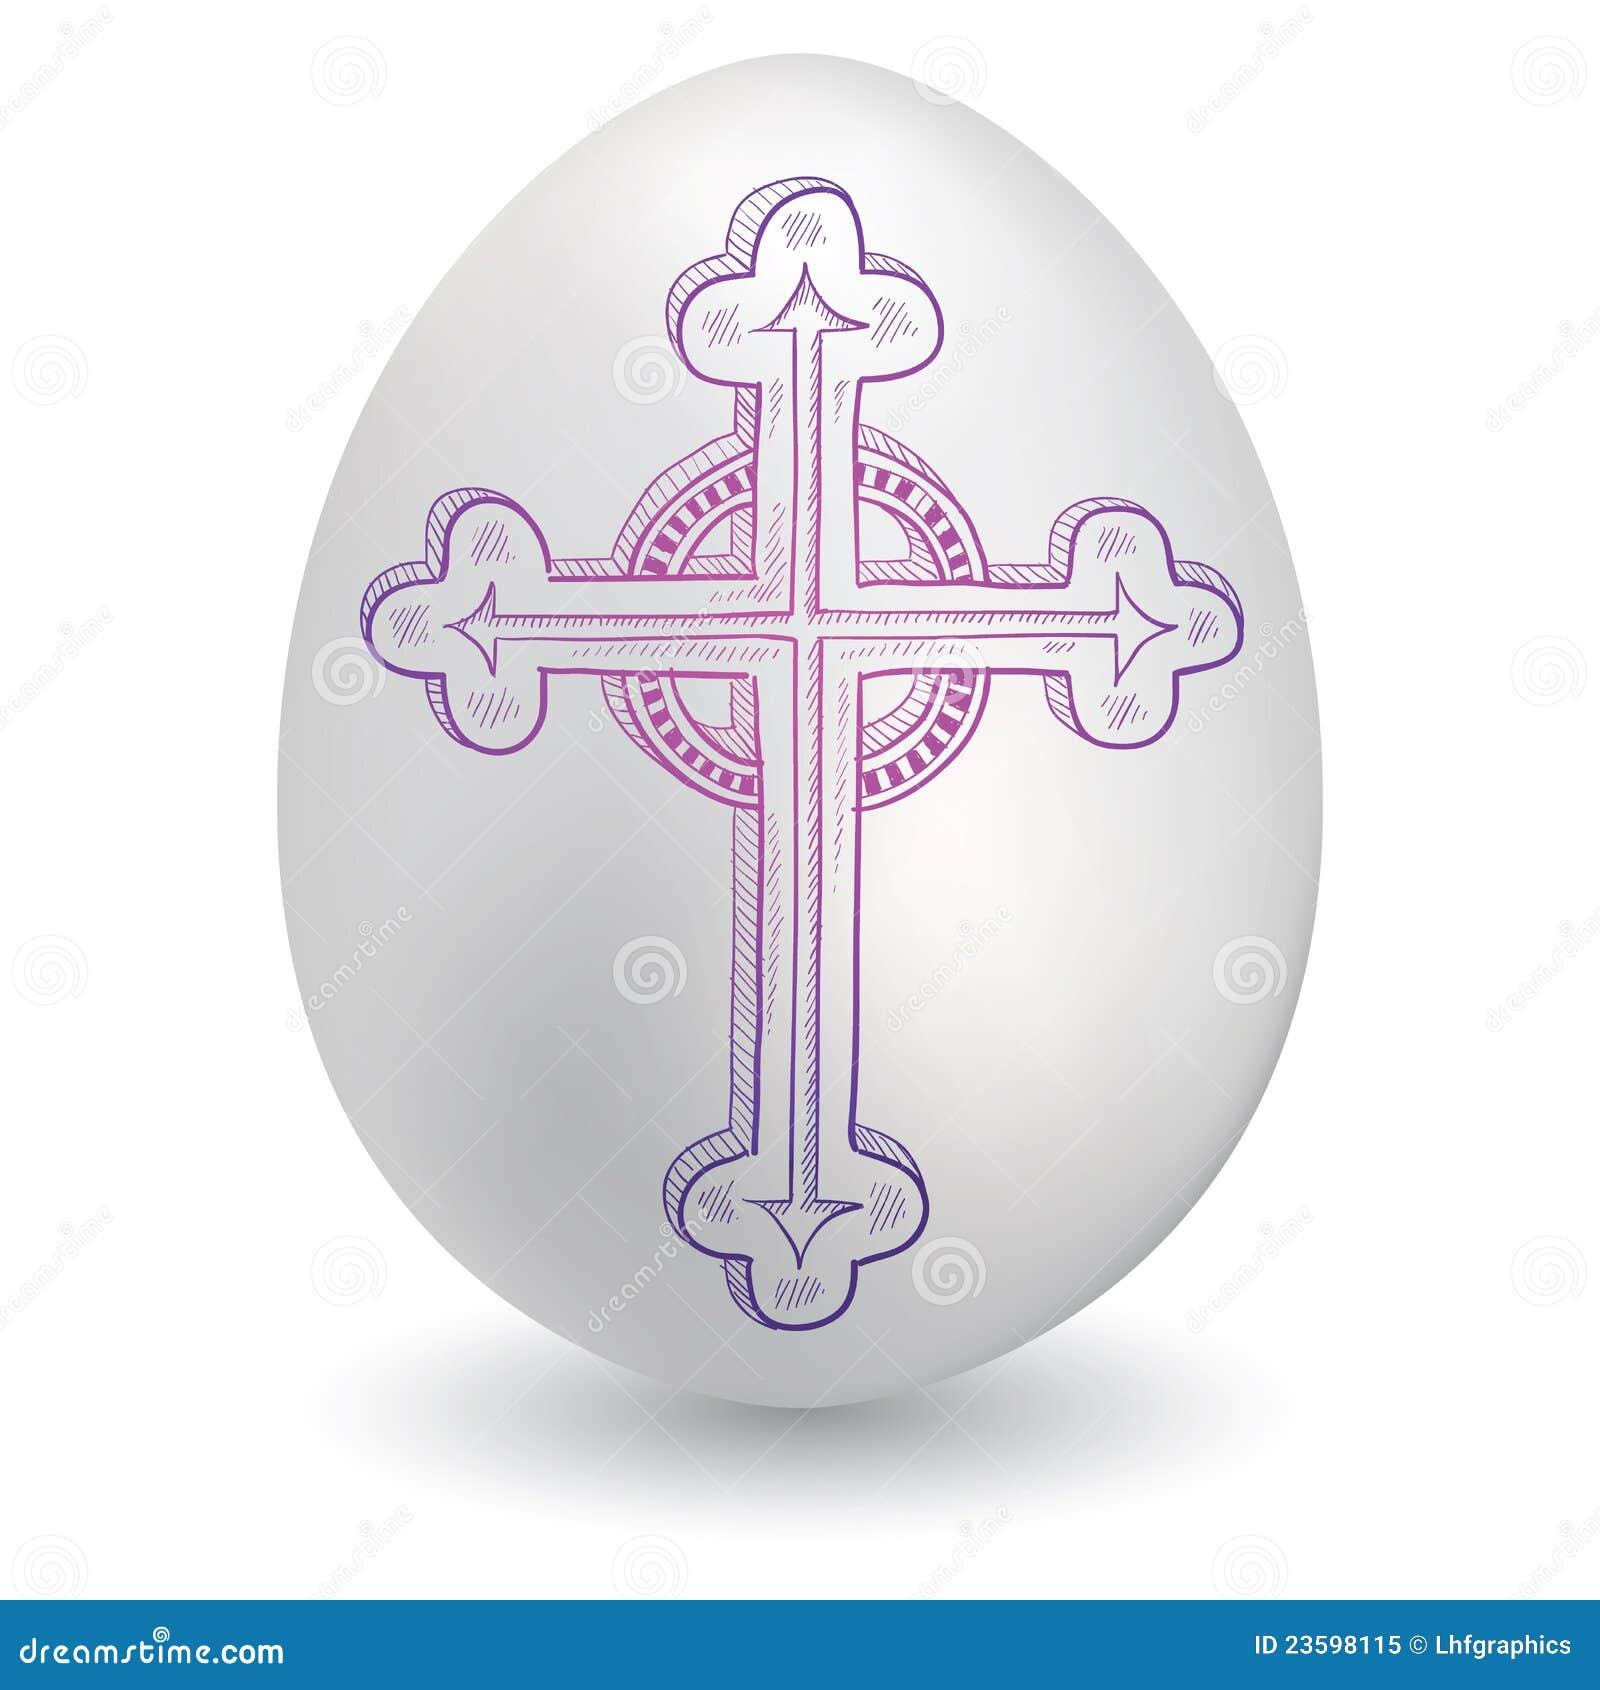 Baroque cross on easter egg stock vector illustration of faith baroque cross on easter egg biocorpaavc